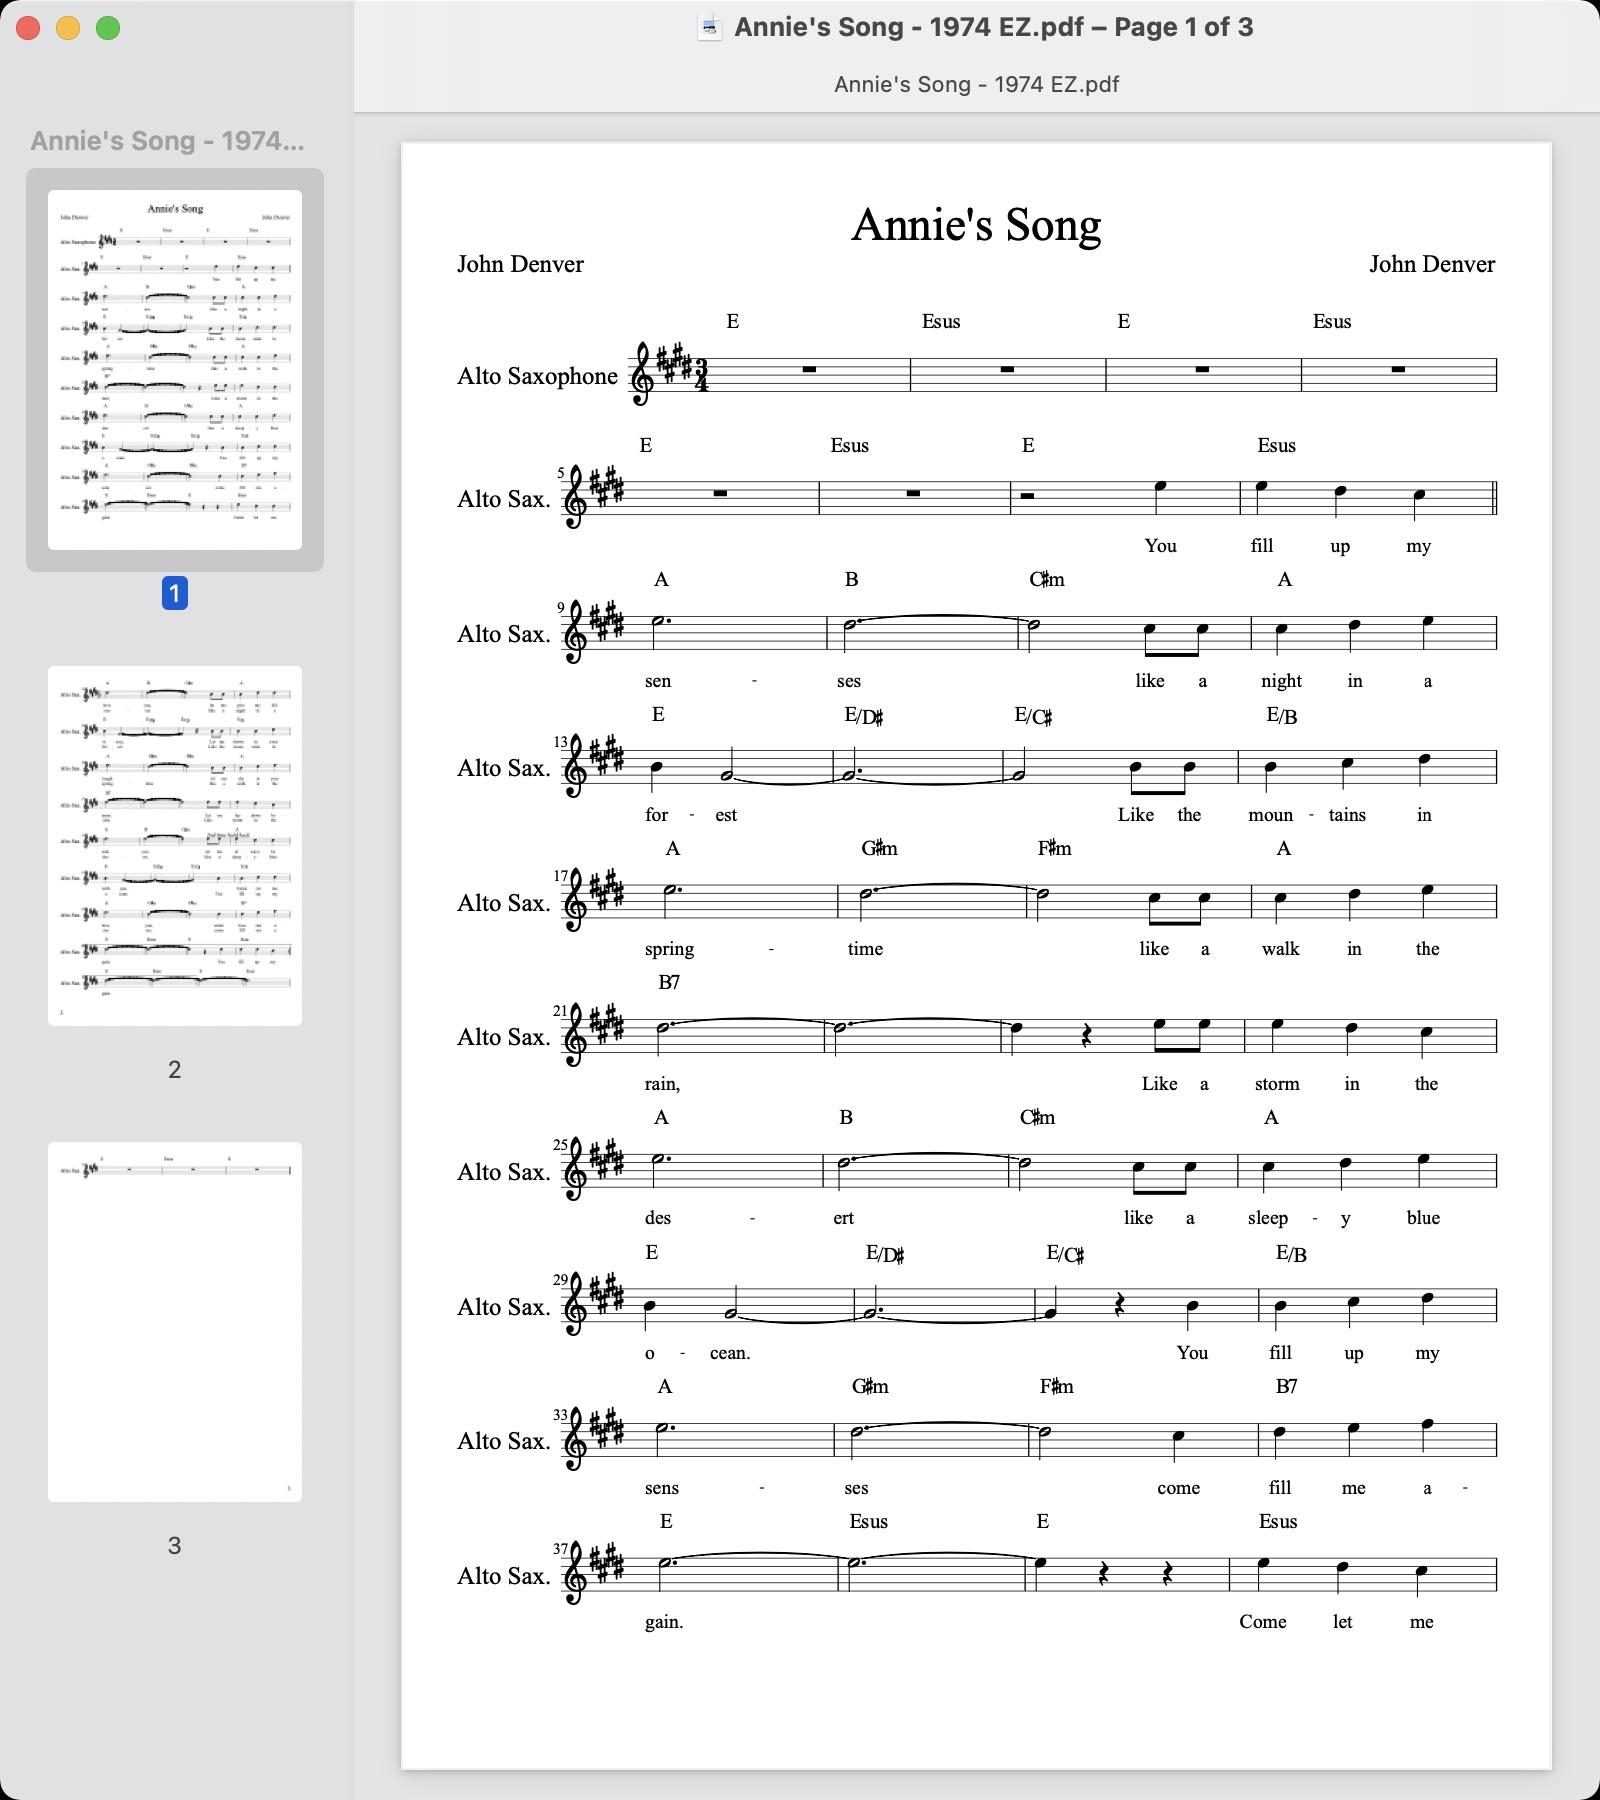 Annie's Song - 1974 EZ.jpg